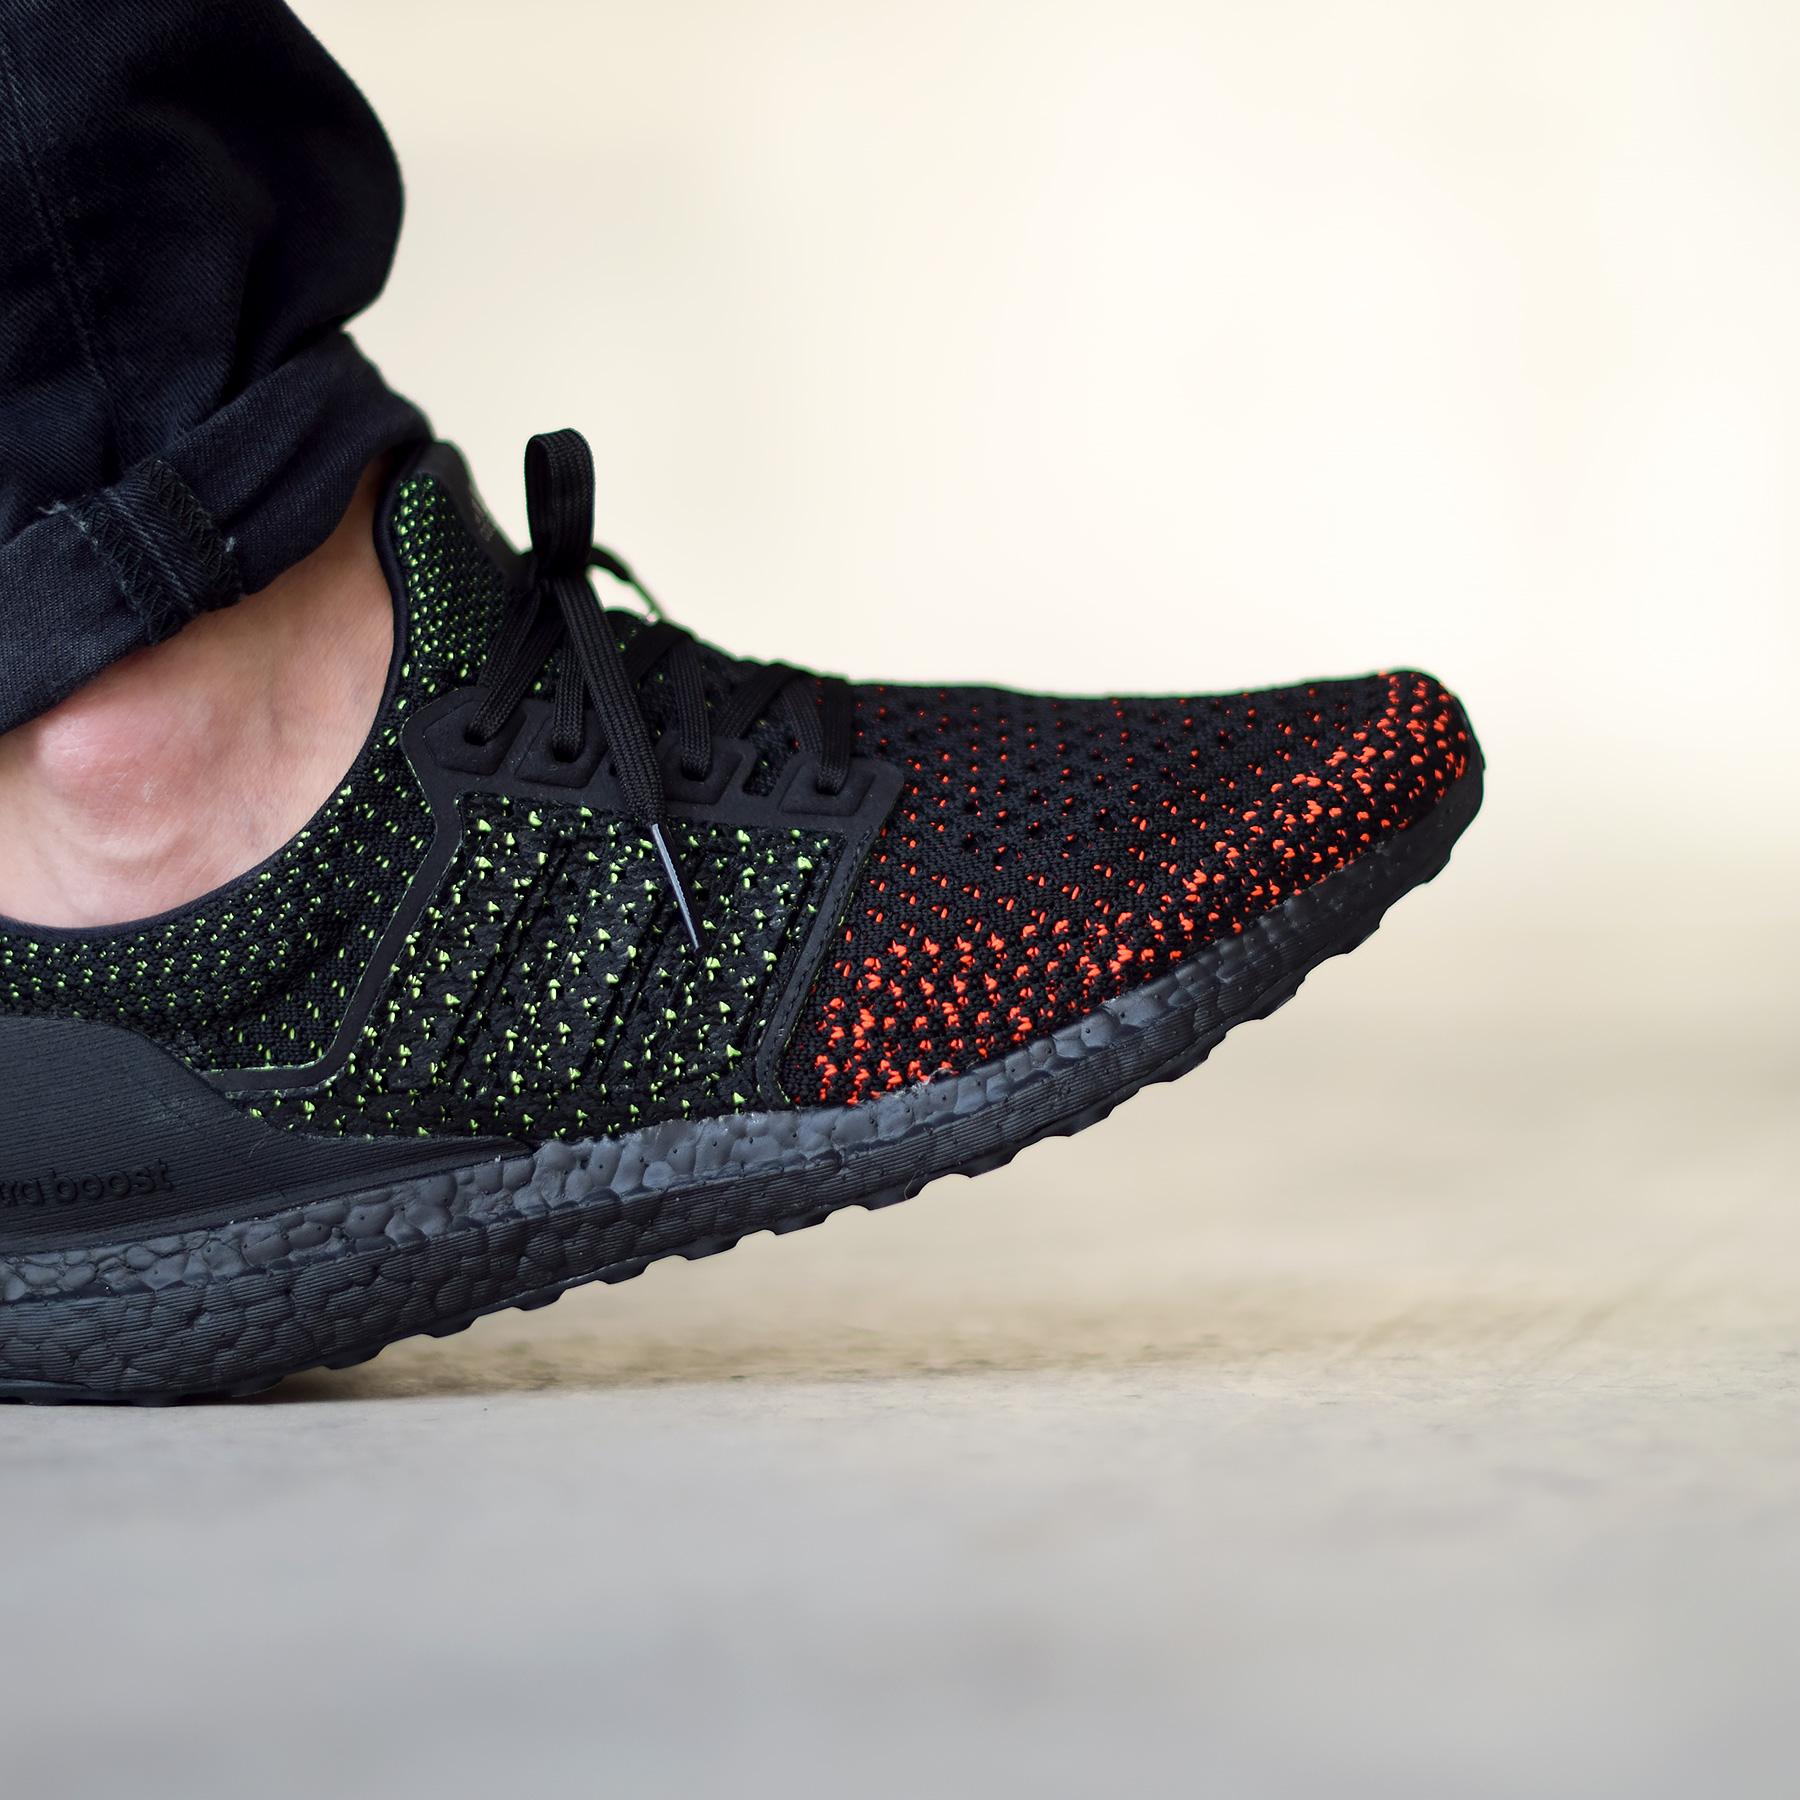 2fec4b81c5101 real adidas ultraboost clima shoes black adidas uk d3860 9a6fe  store  adidas présente une nouvelle itération de ladidas ultra boost climacool  383ff 8d83b